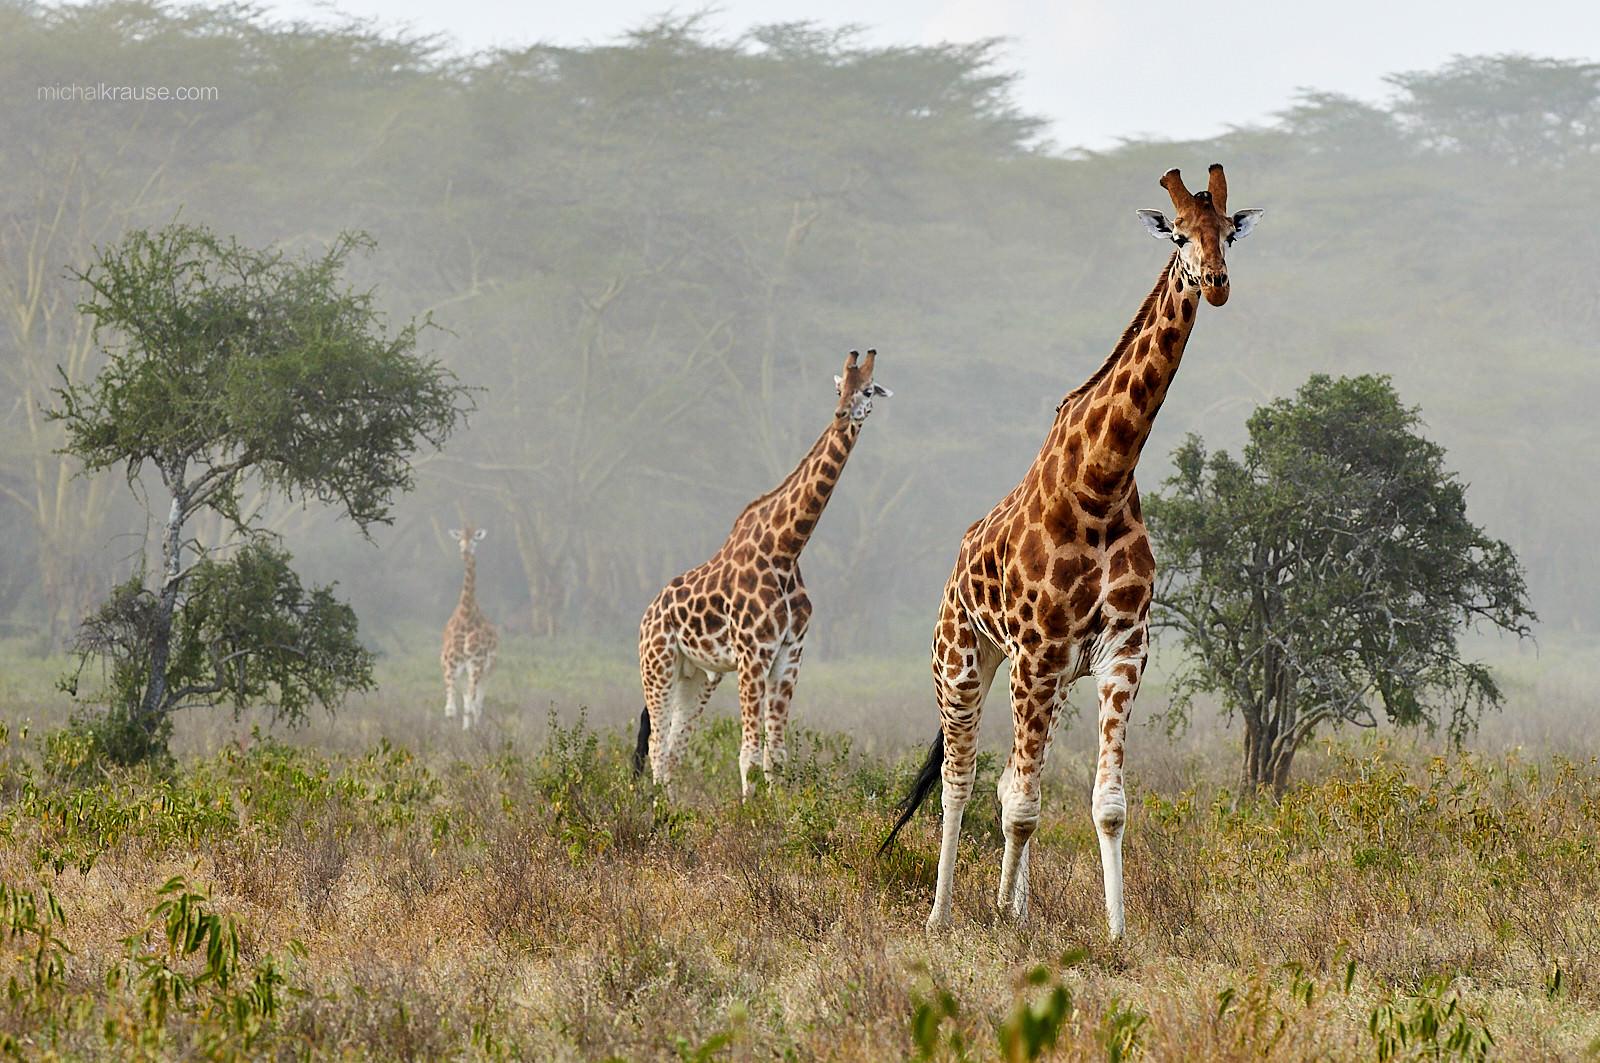 Žirafy núbijské – jedna ze starších fotografií, kterou jsem se na výstavě Czech Nature Photo přispěl do sekce Afrika